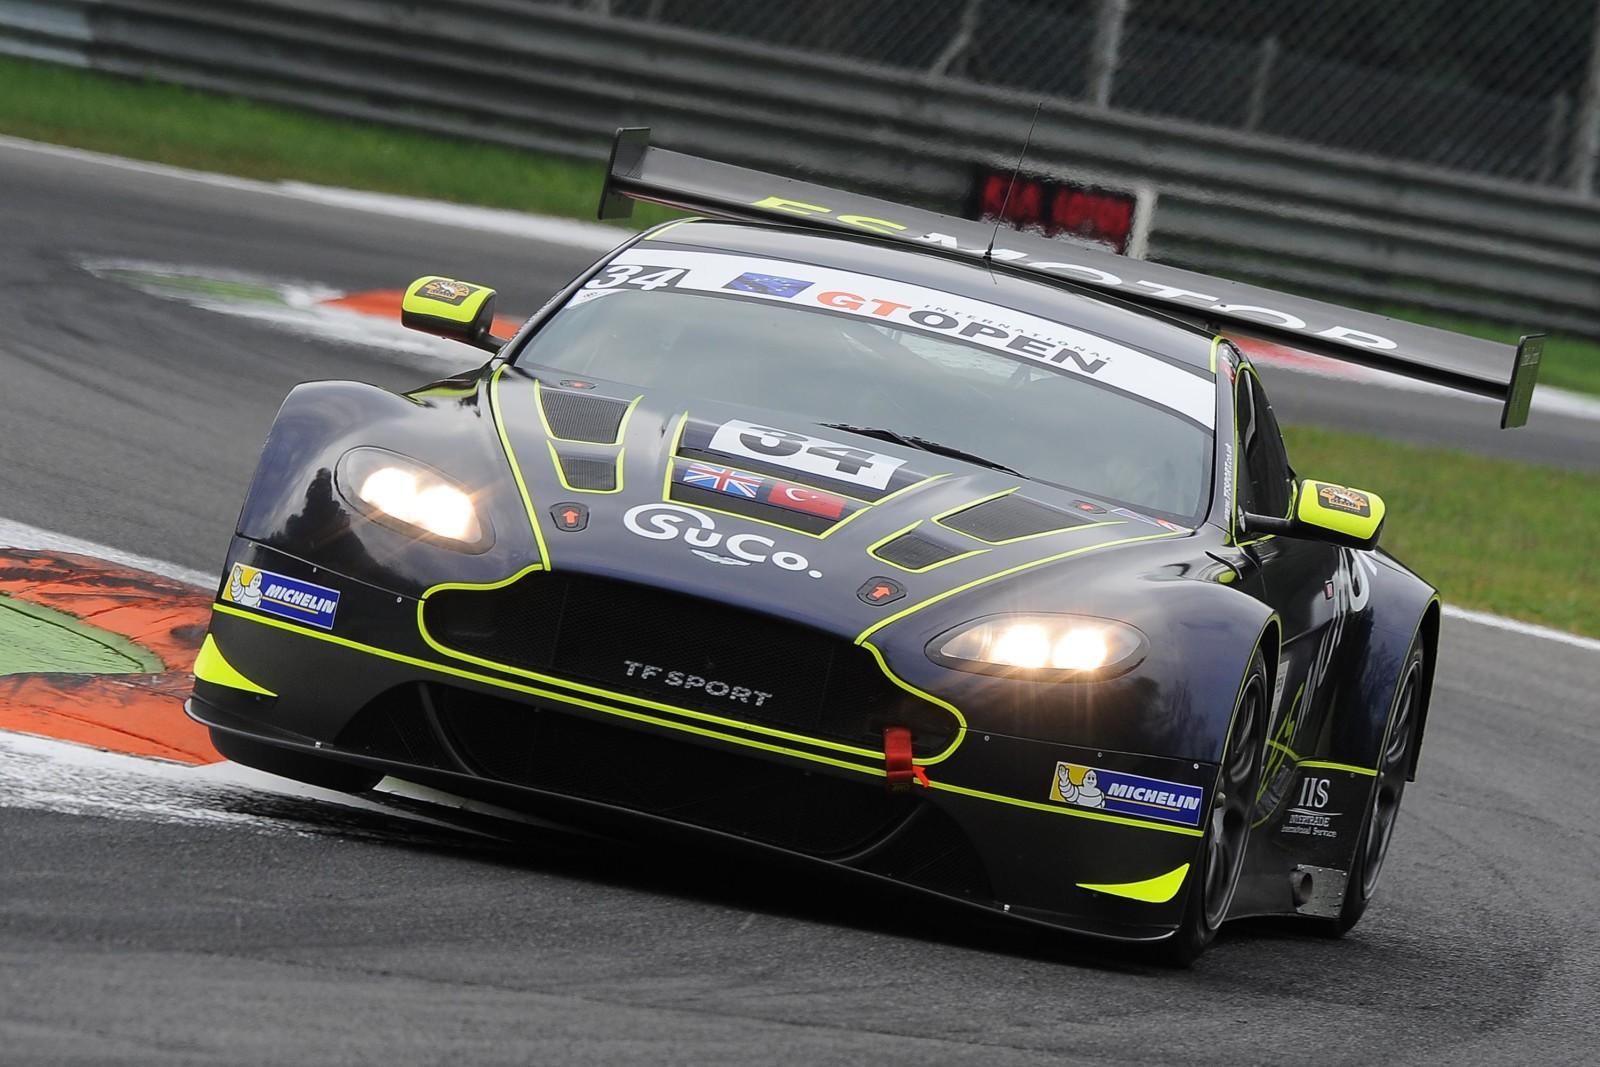 TF-Sport-Oman-Racing-Team-Blancpain-GT-Series-2017